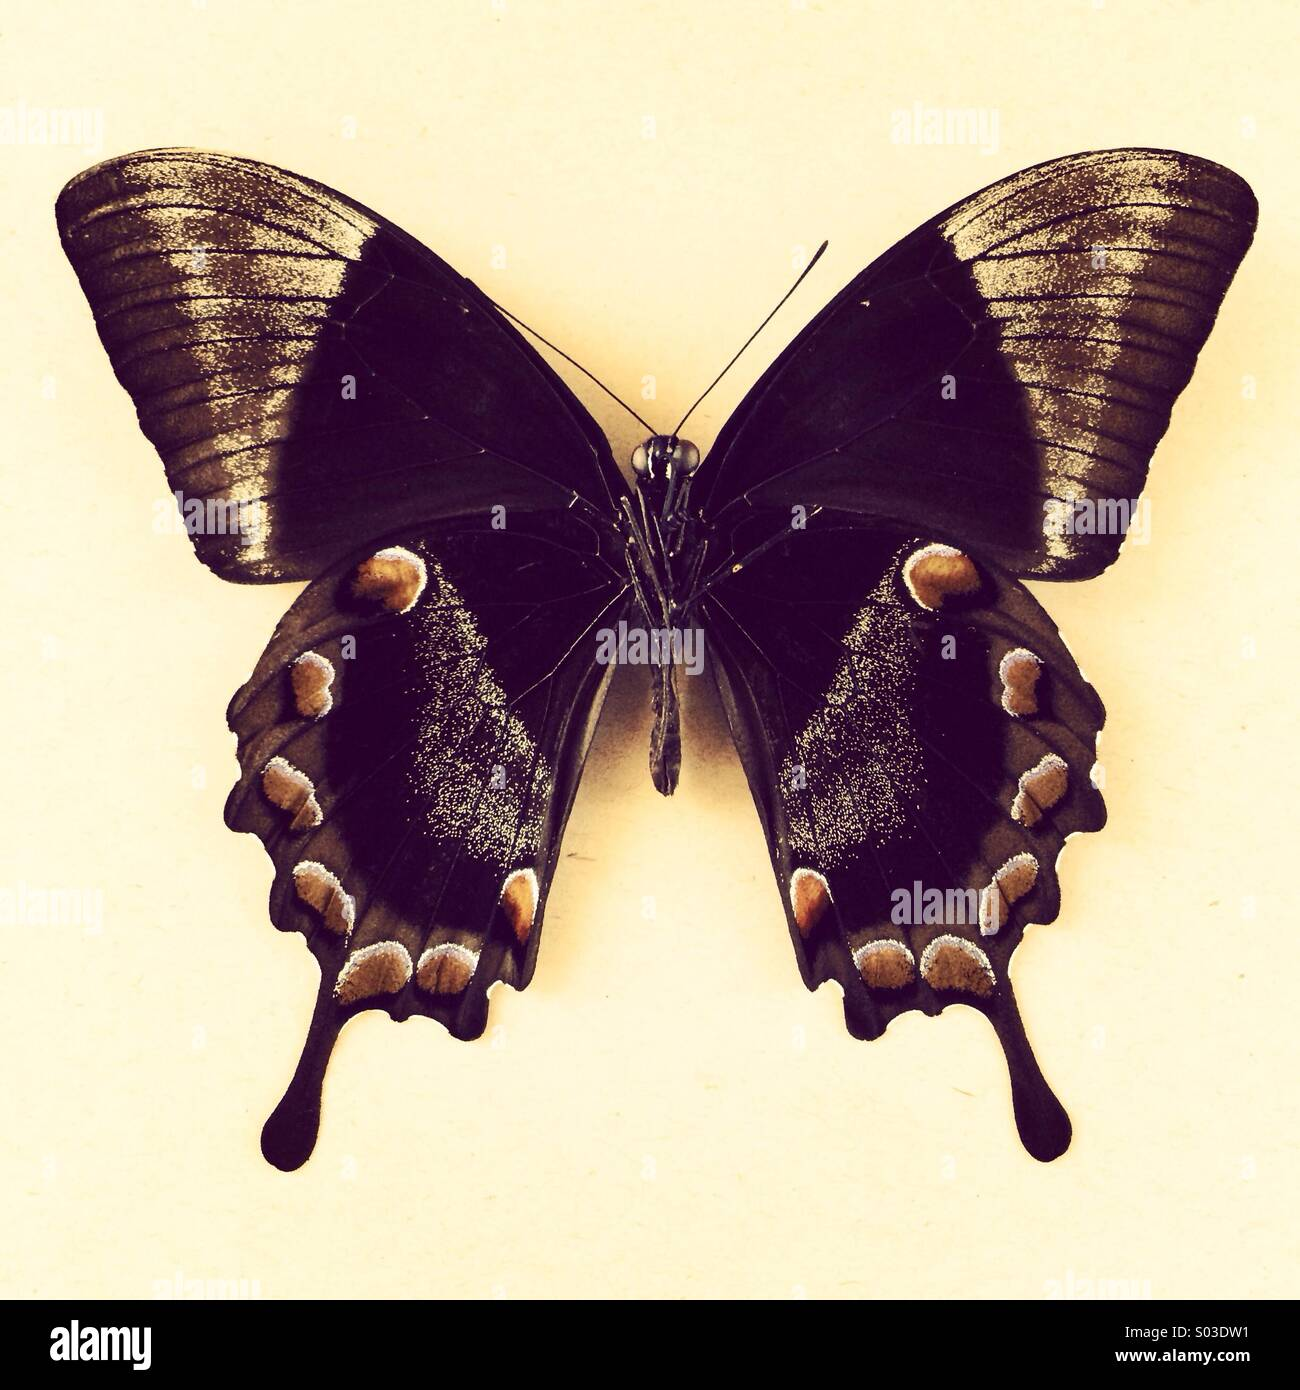 Schmetterling Ulysses Rückseite Stockbild